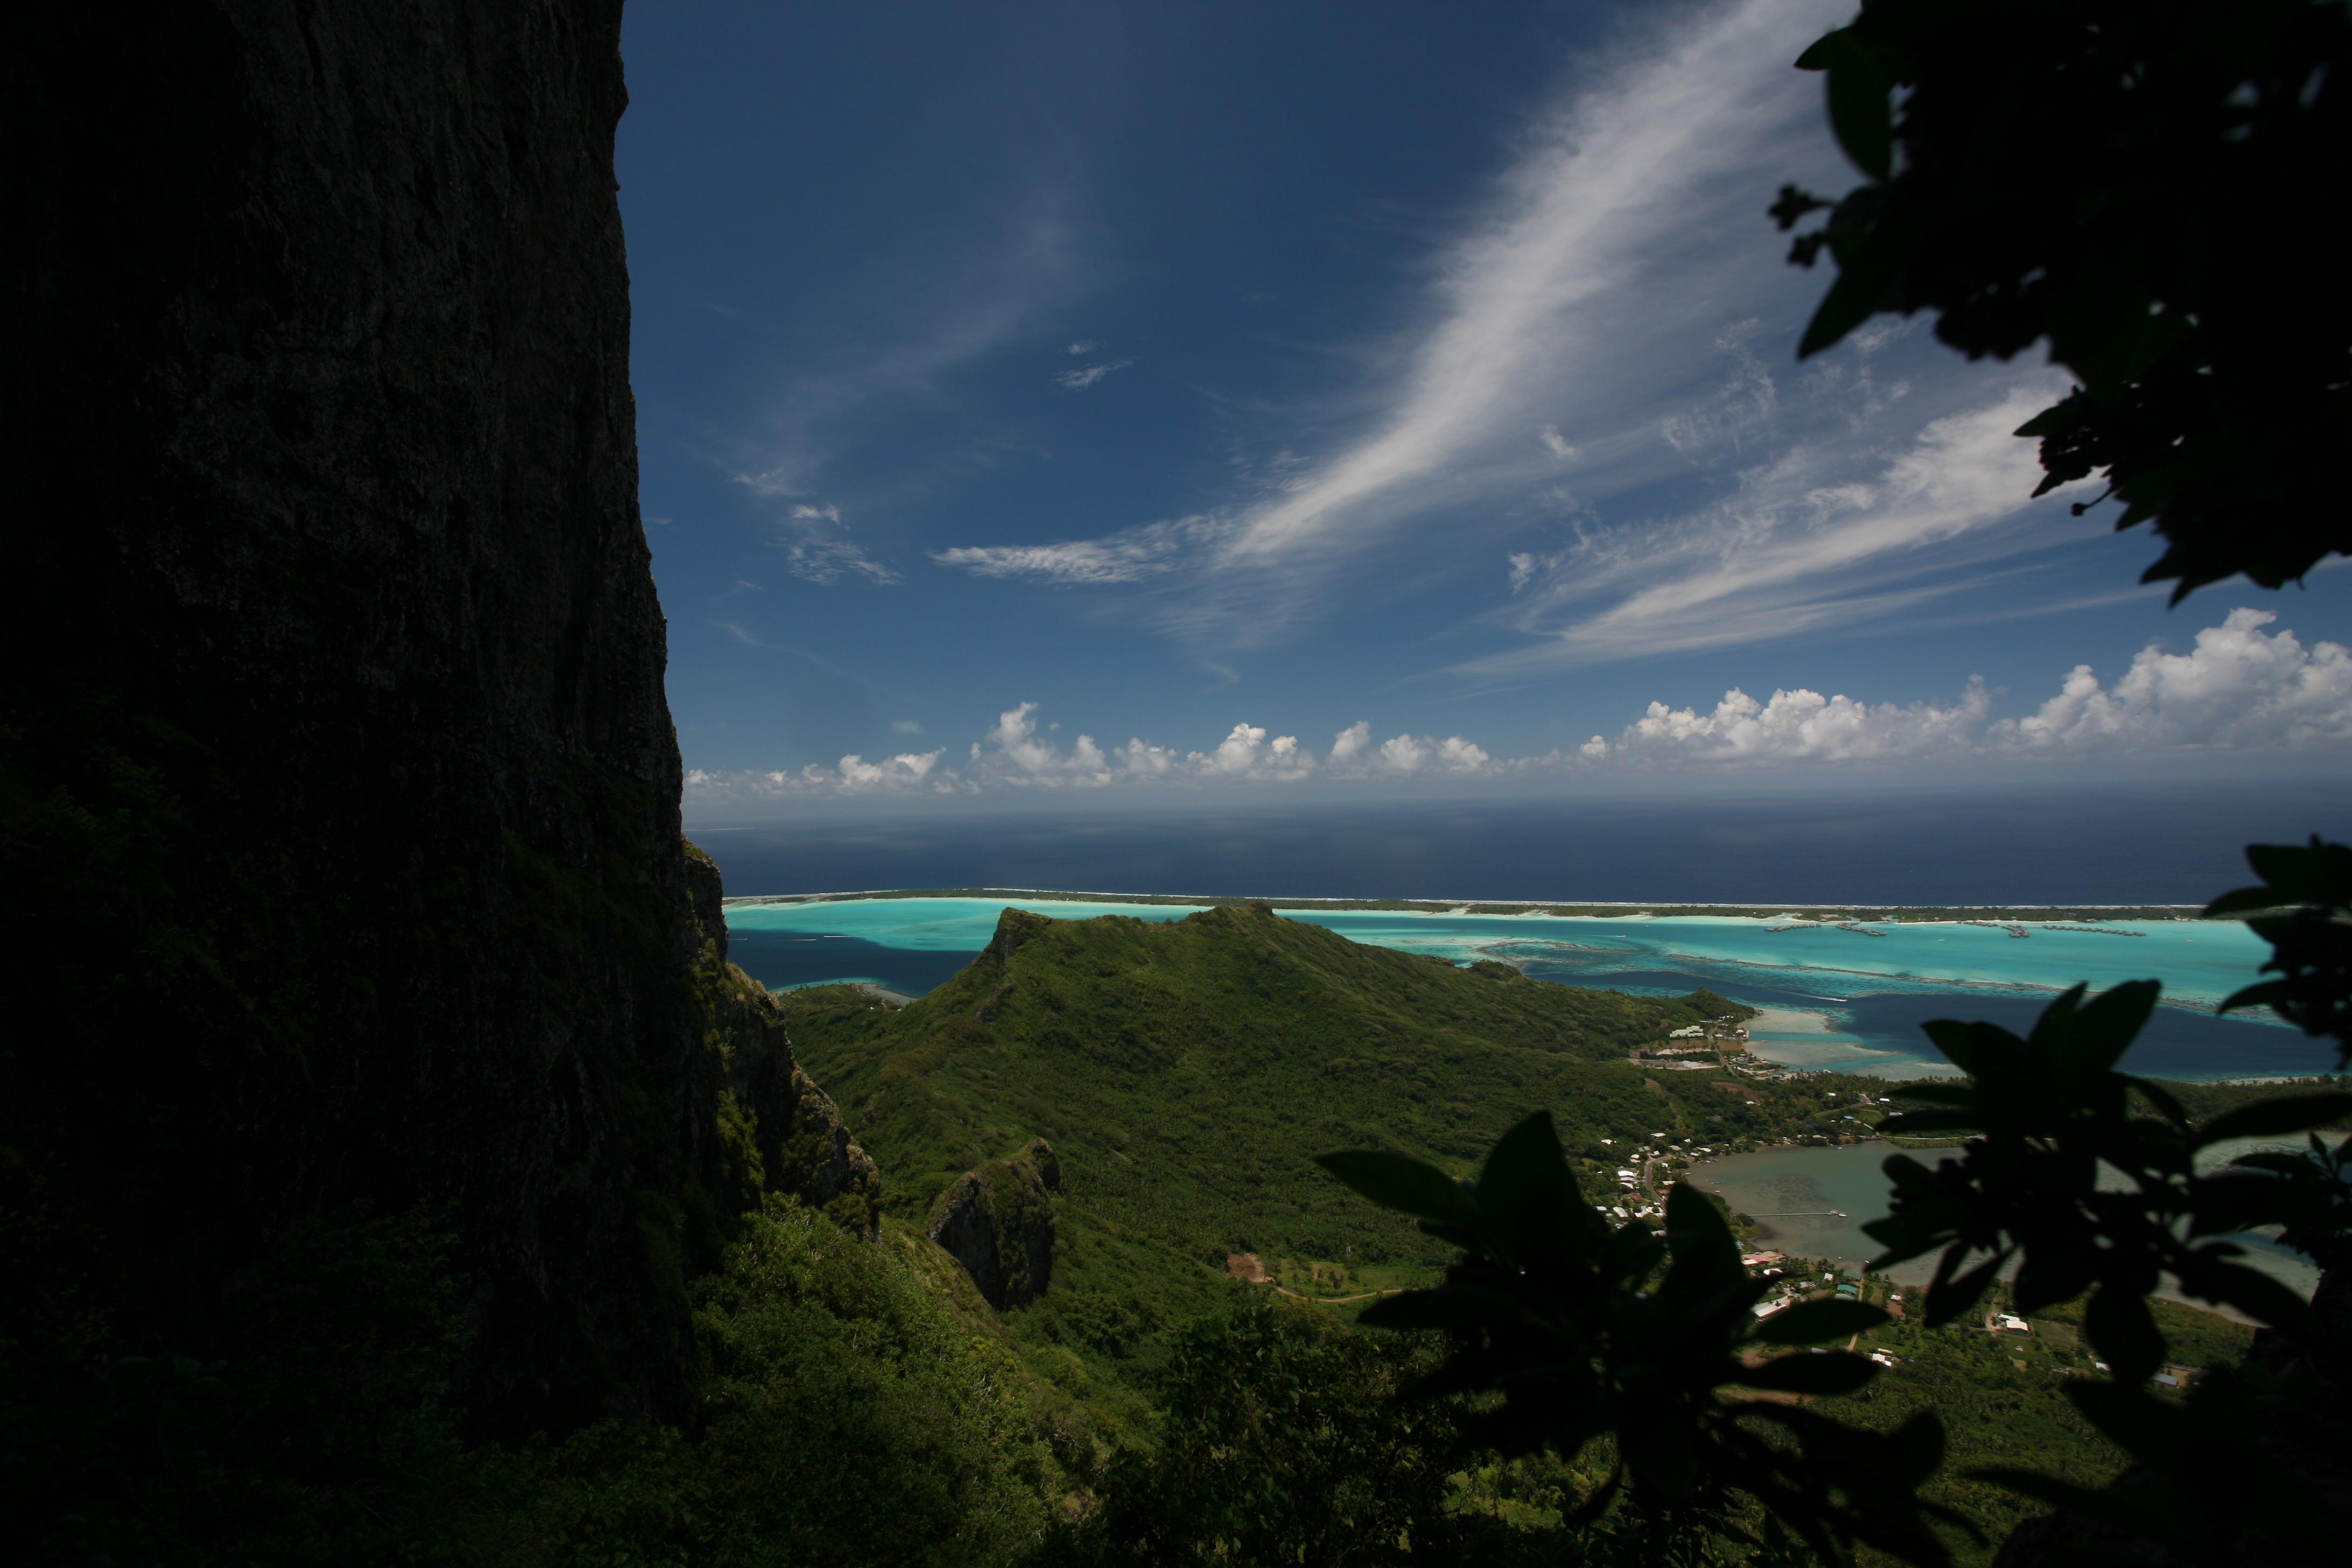 La partie finale de la grimpette s'effectue contre la dent verticale du Otemanu. Singulier contraste entre la douceur du lagon et la brutalité de la parois de basalte.